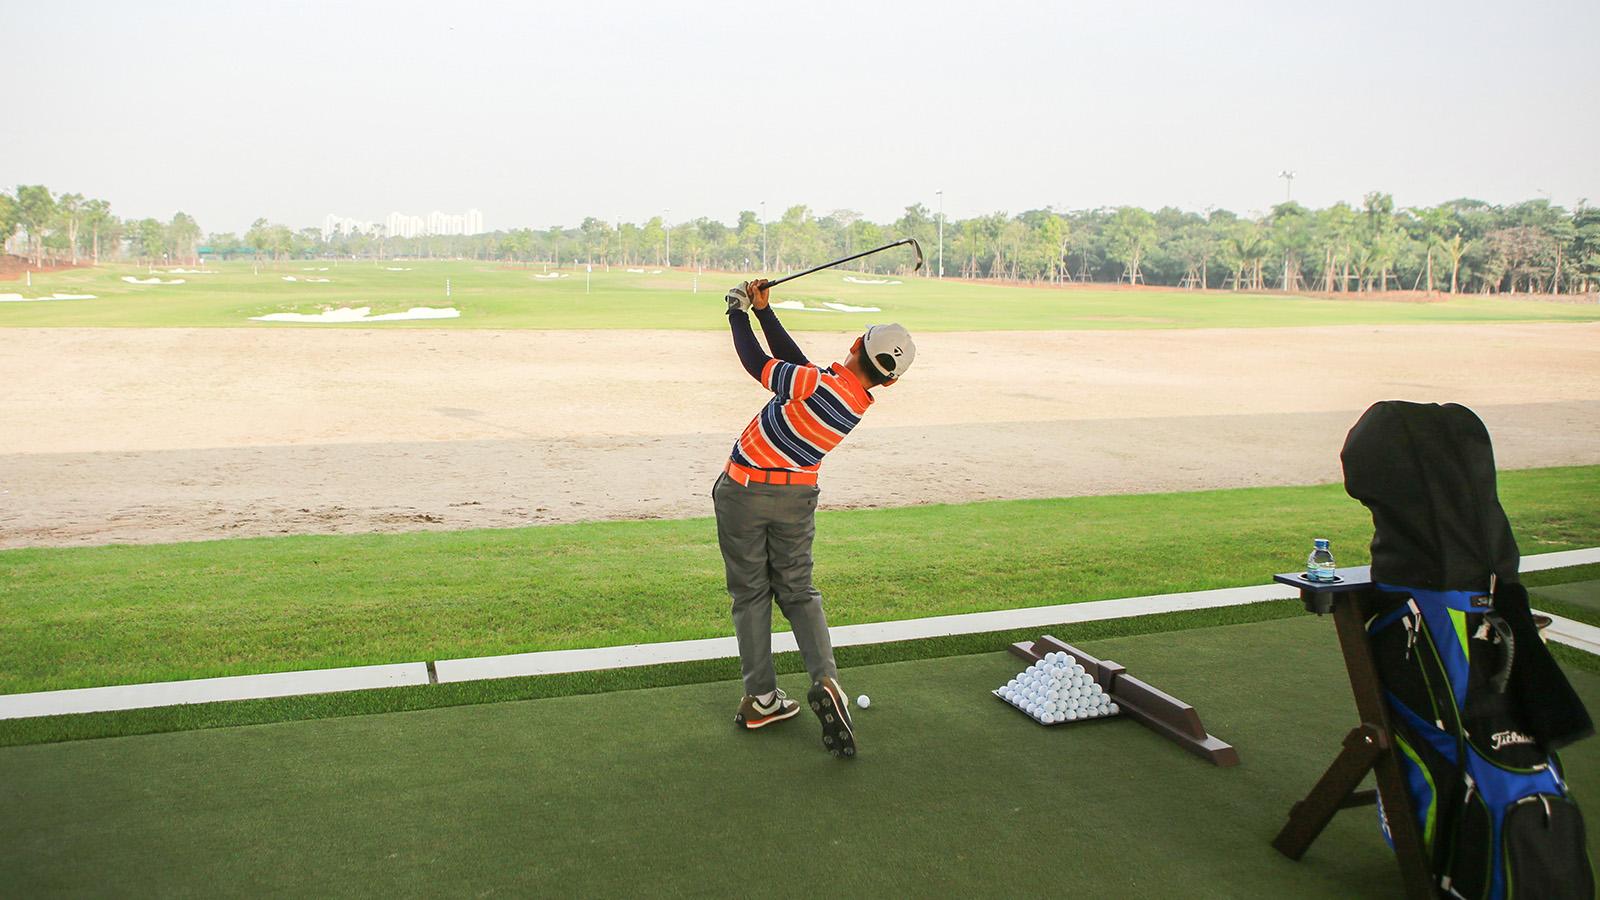 """HLV Jean François Le Quere: """"Golf còn nhiều cơ hội phát triển ở Việt Nam"""""""